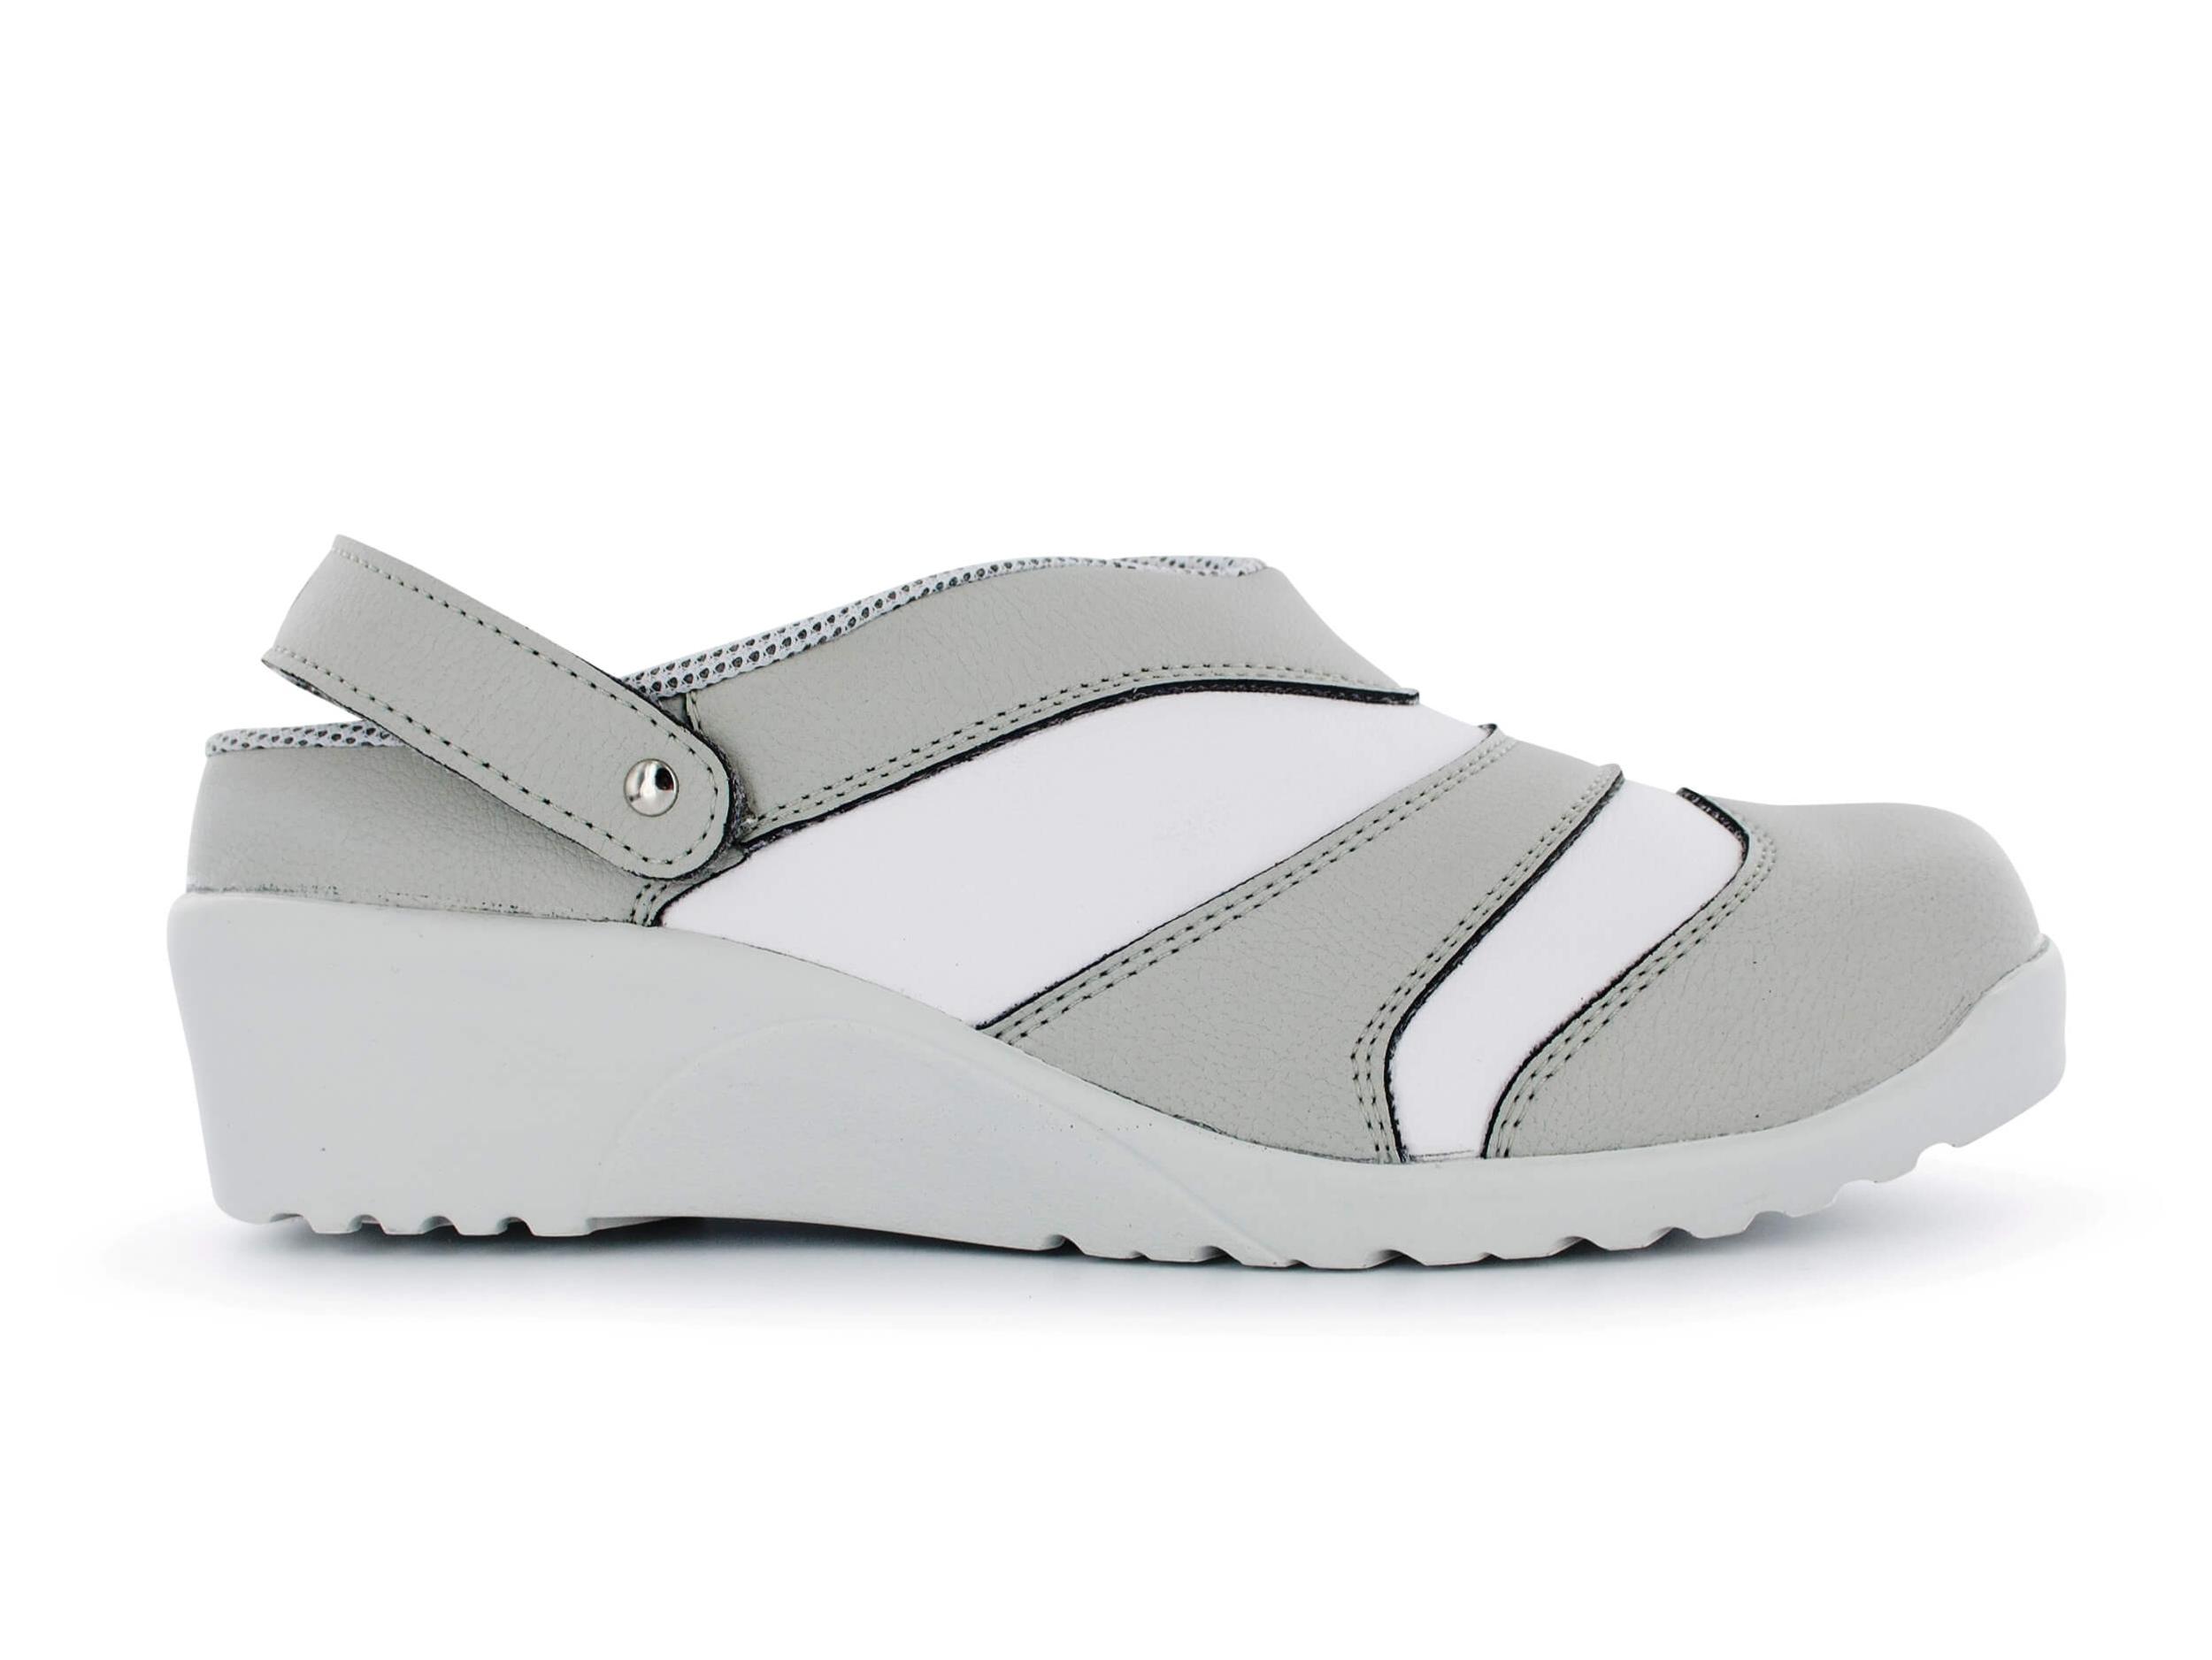 Nordways SABOT DE CUISINE FEMME ADELINE GRIS Gris - Chaussures Chaussures de travail Femme